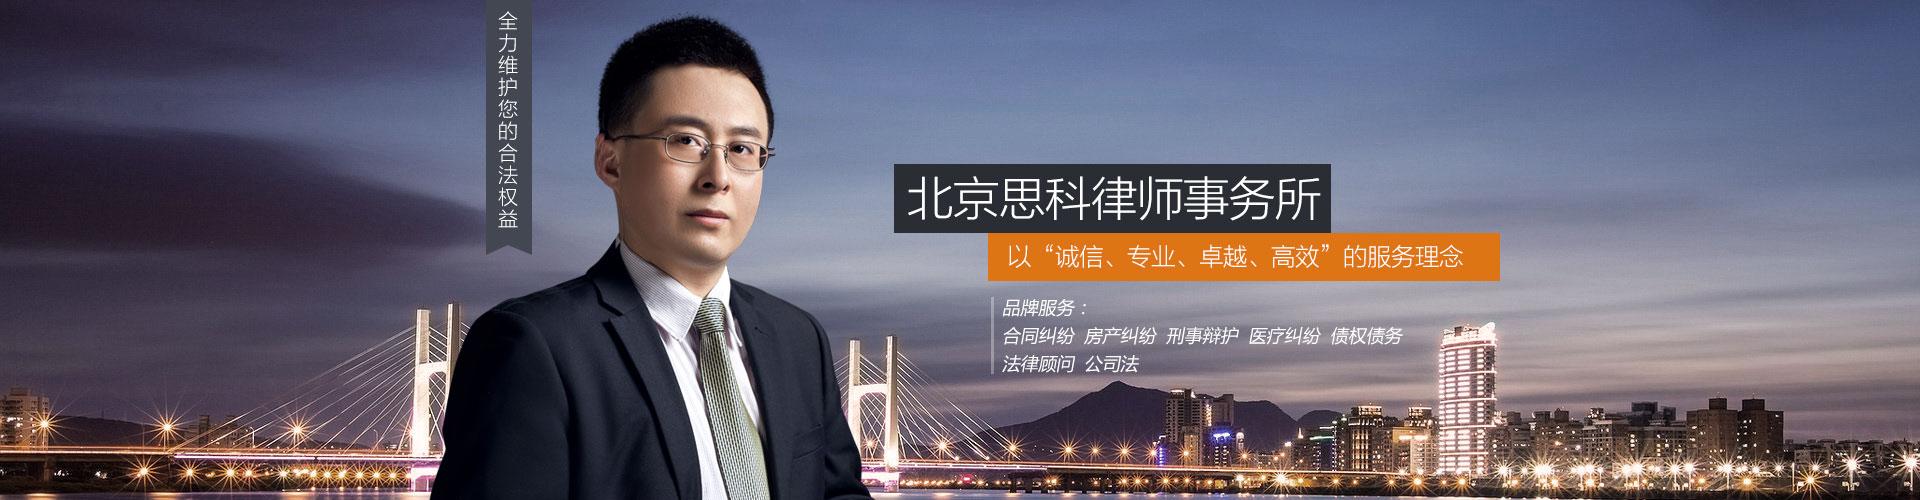 北京思科律师